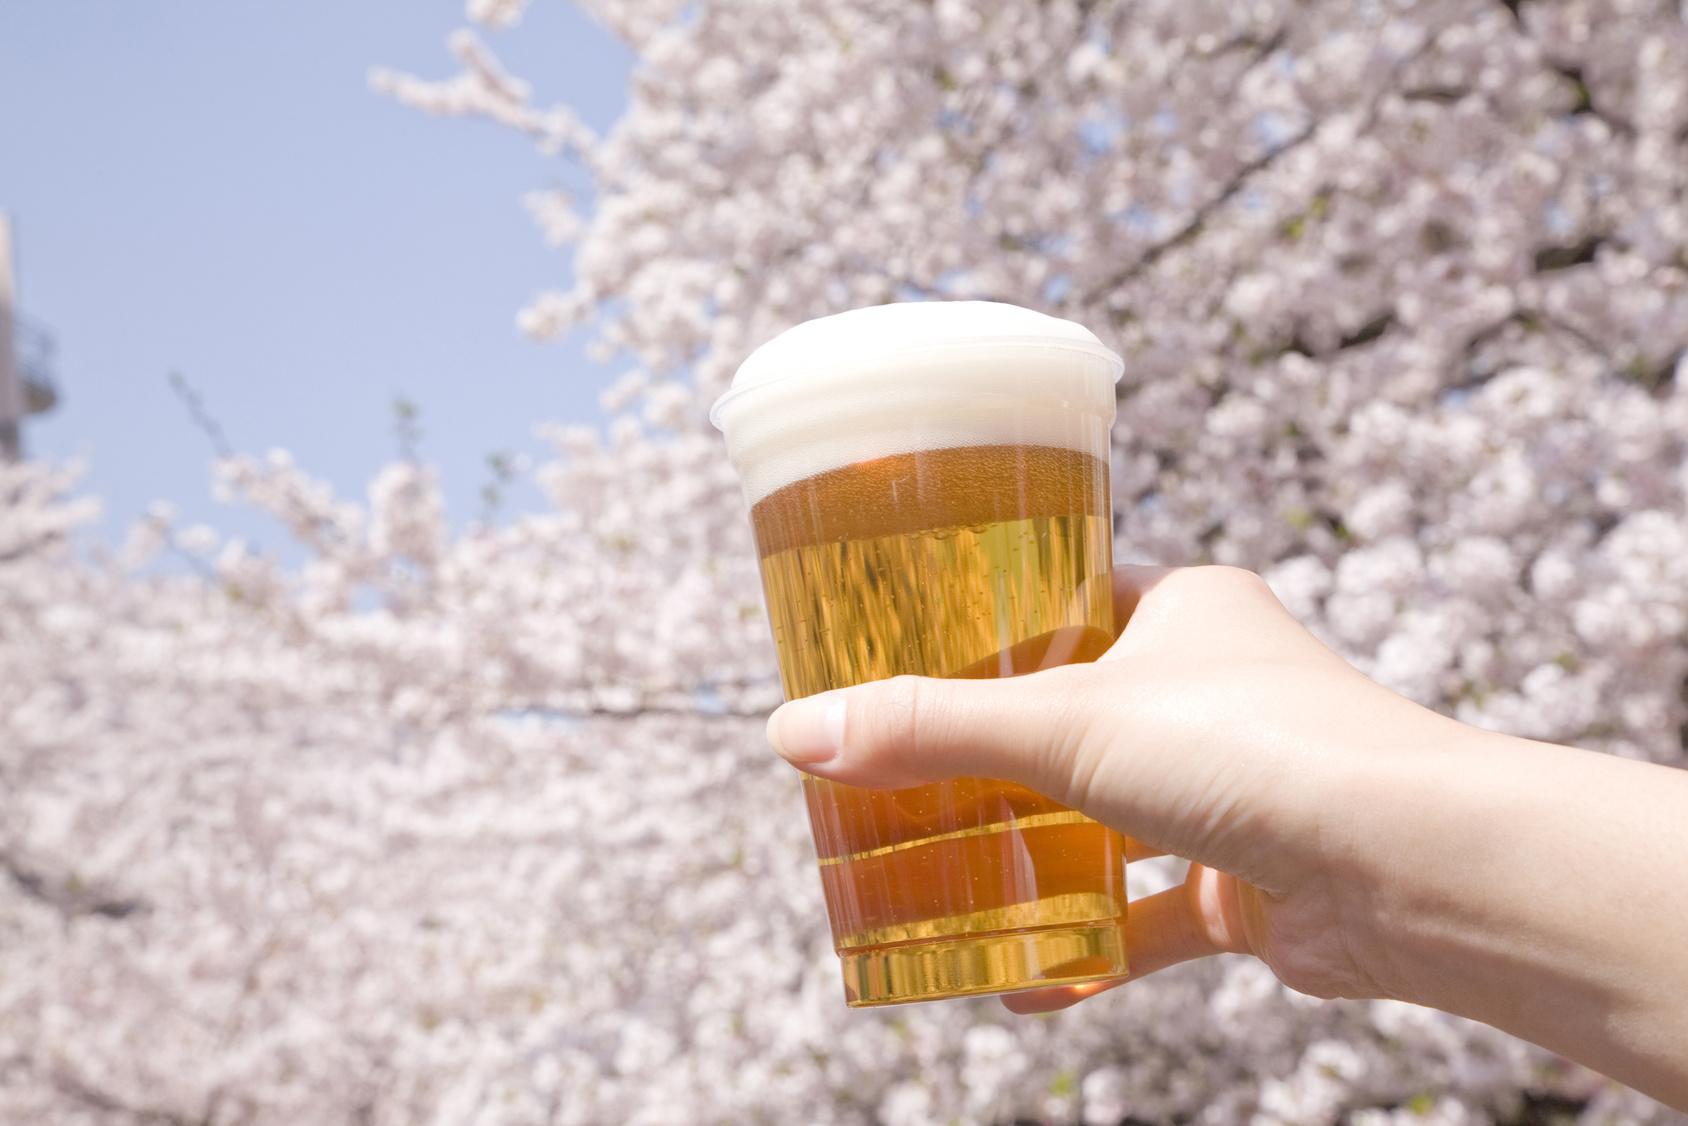 「二日酔いの予防策」春の宴会シーズンを前に再確認!【医師に聞く二日酔い対策#4】